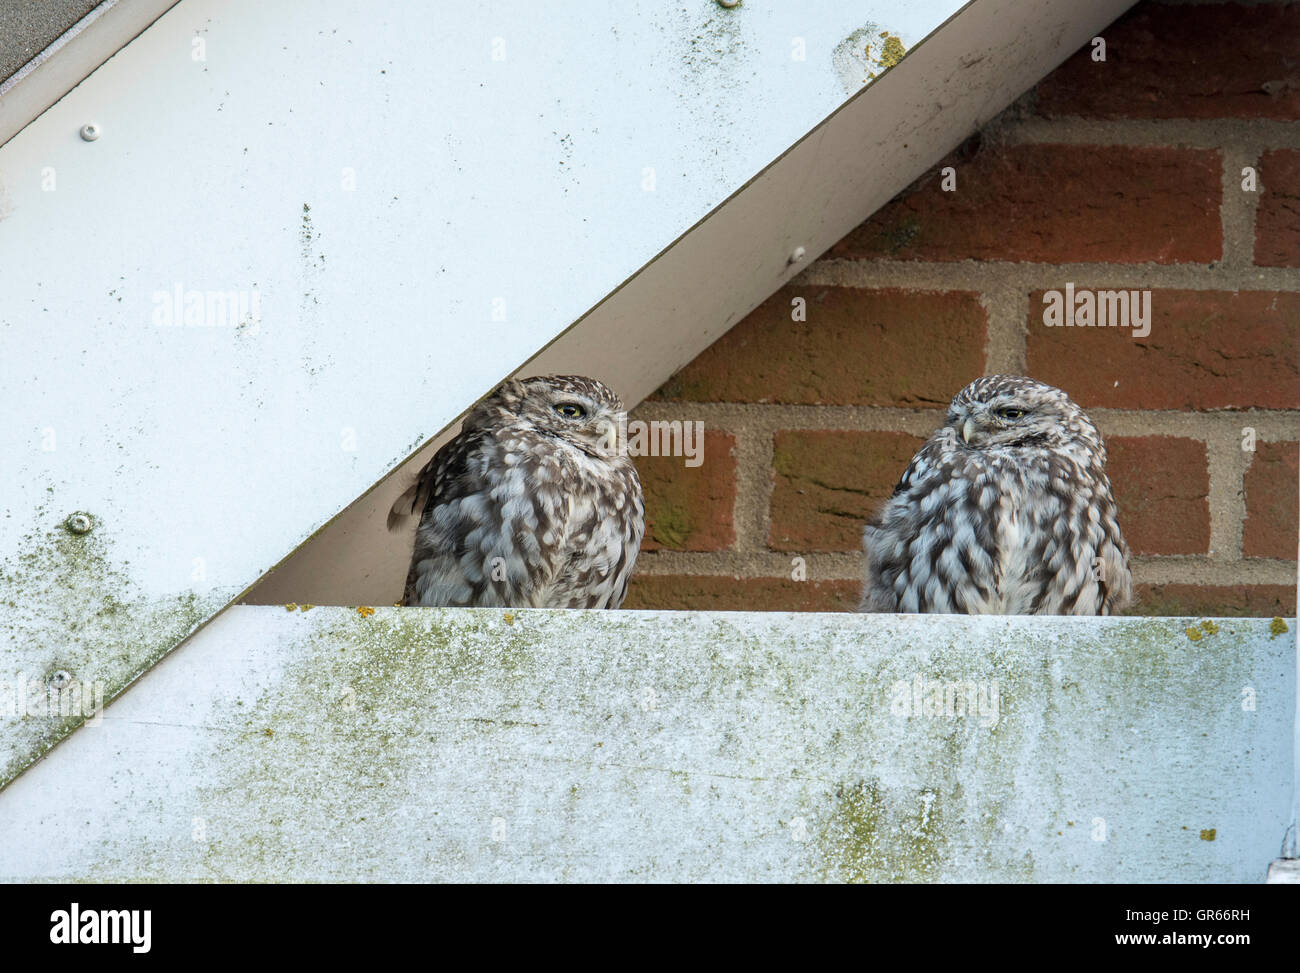 Paar kleine Eulen (Athene Noctua) thront auf einer Giebelseite eines Schulgebäudes. Stockbild